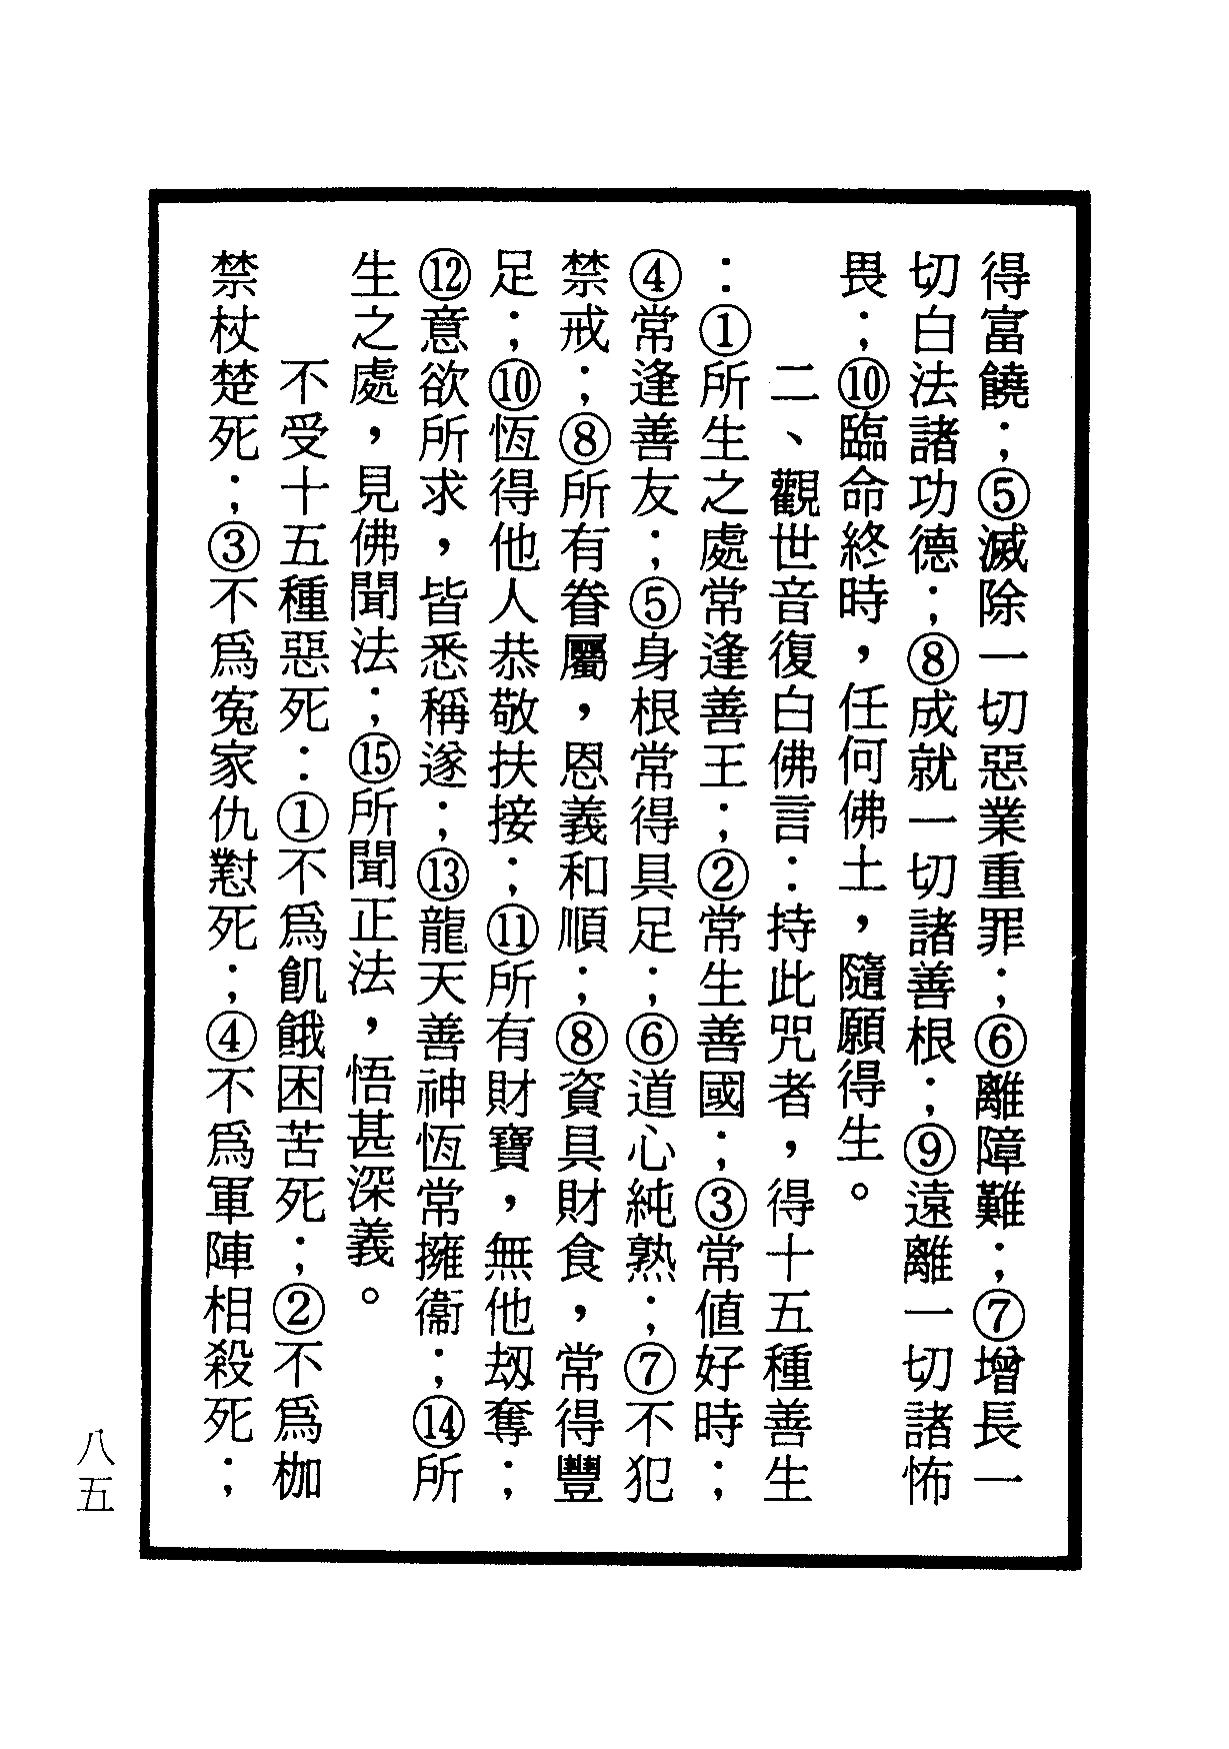 楞嚴咒-大悲咒-十小咒-易背本 91.png